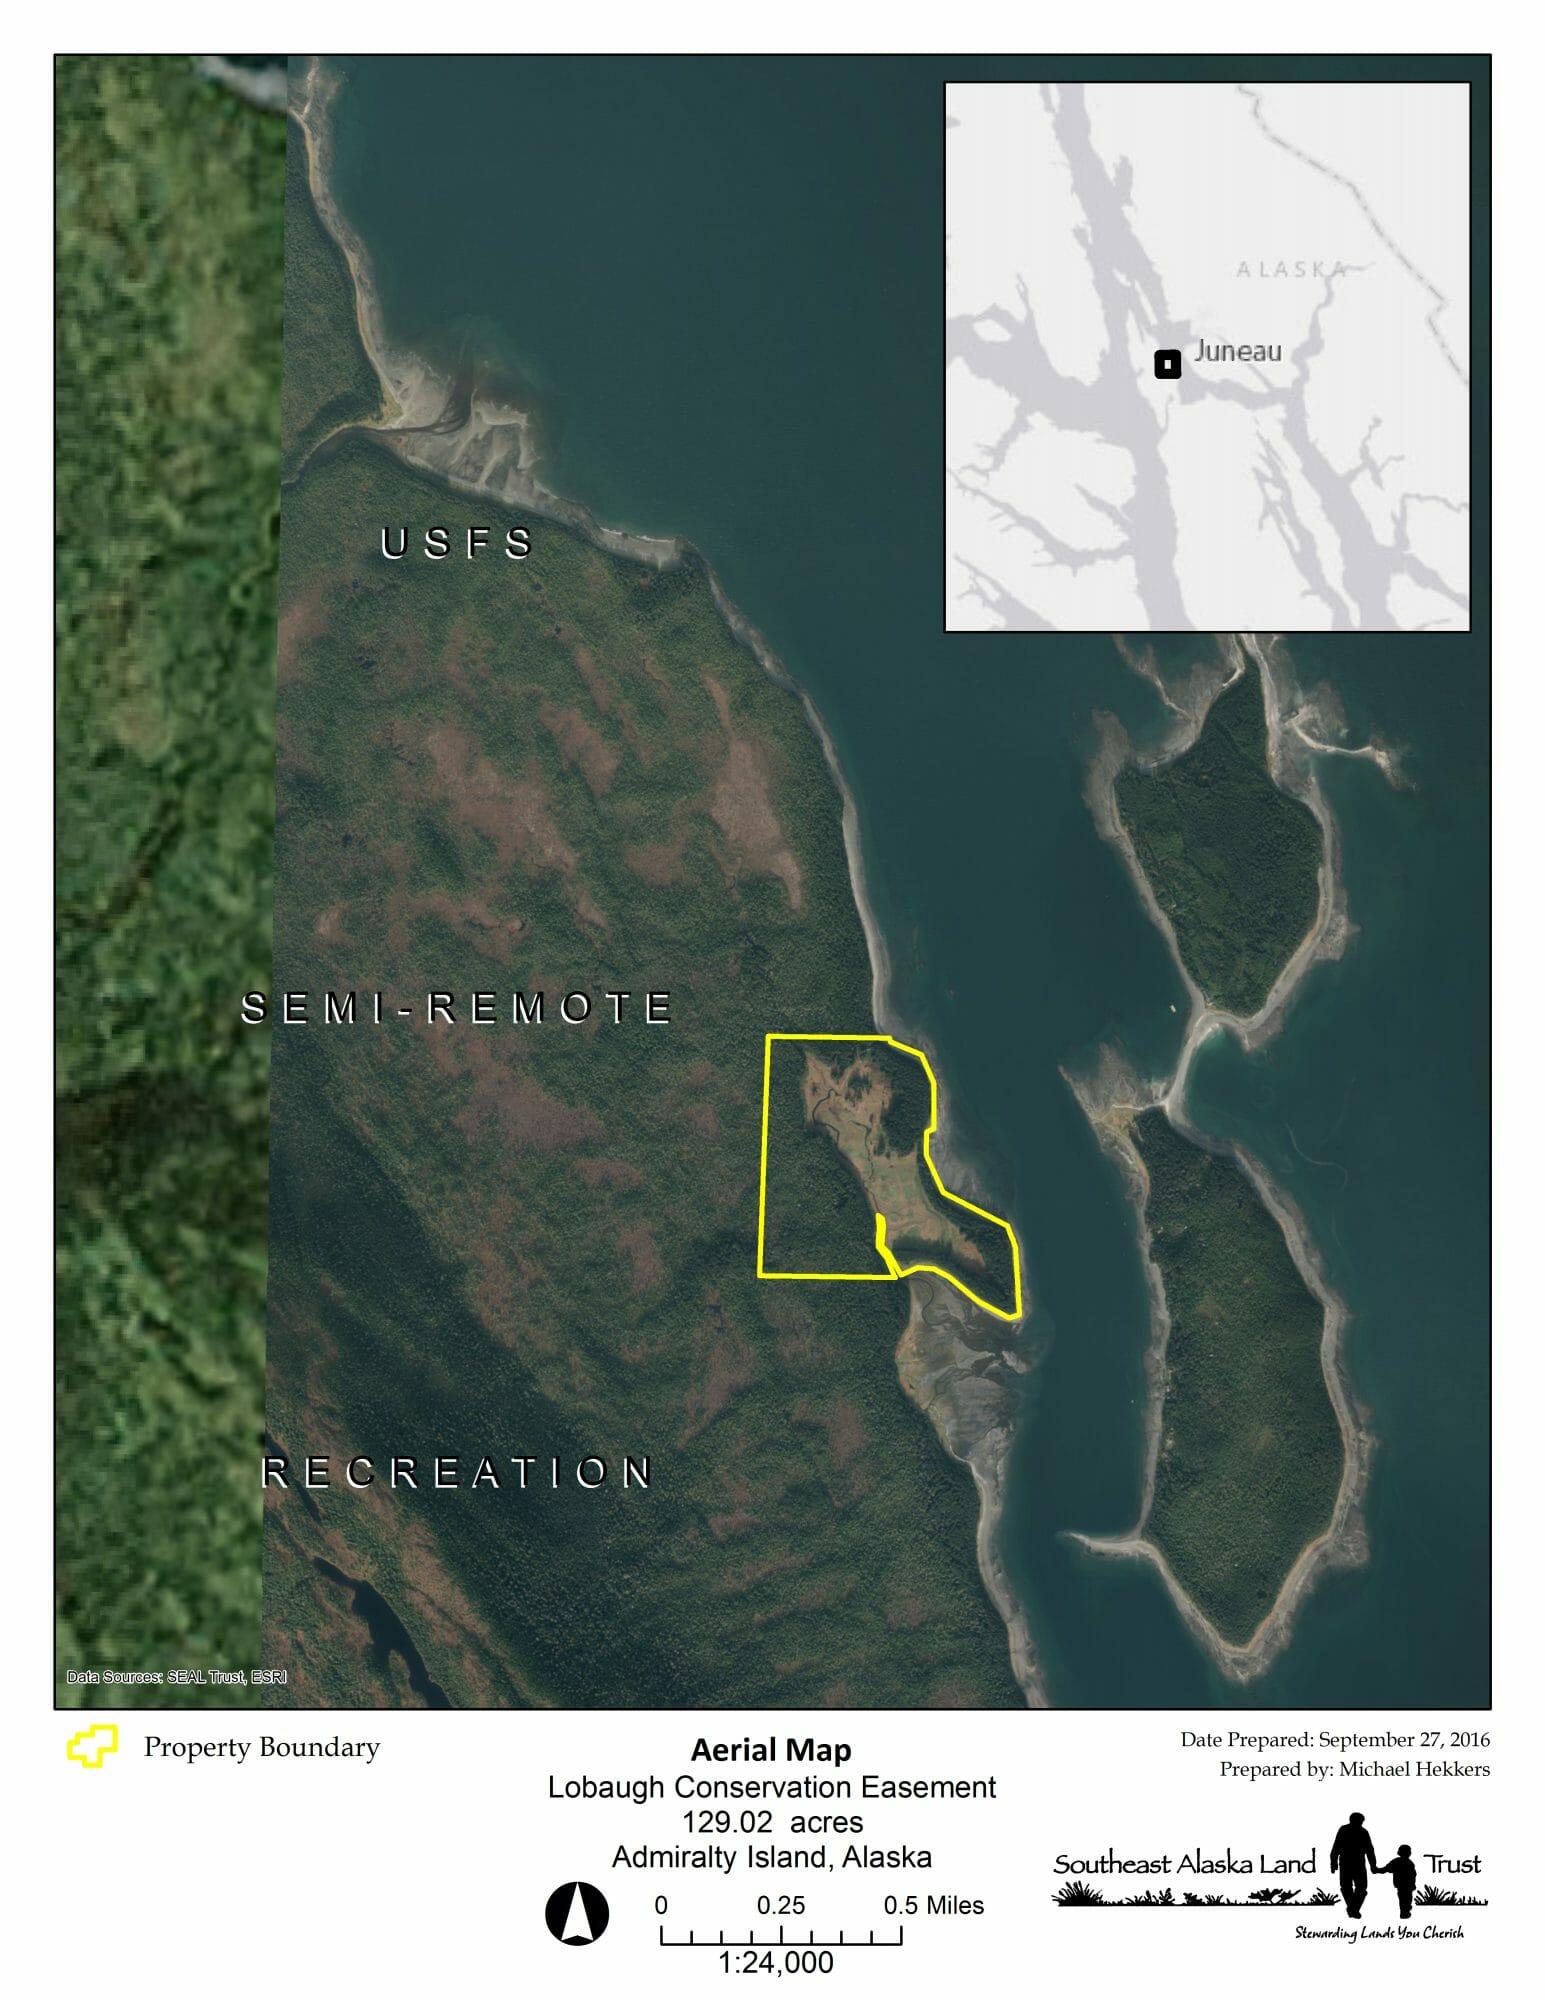 Lobaugh Conservation Easement